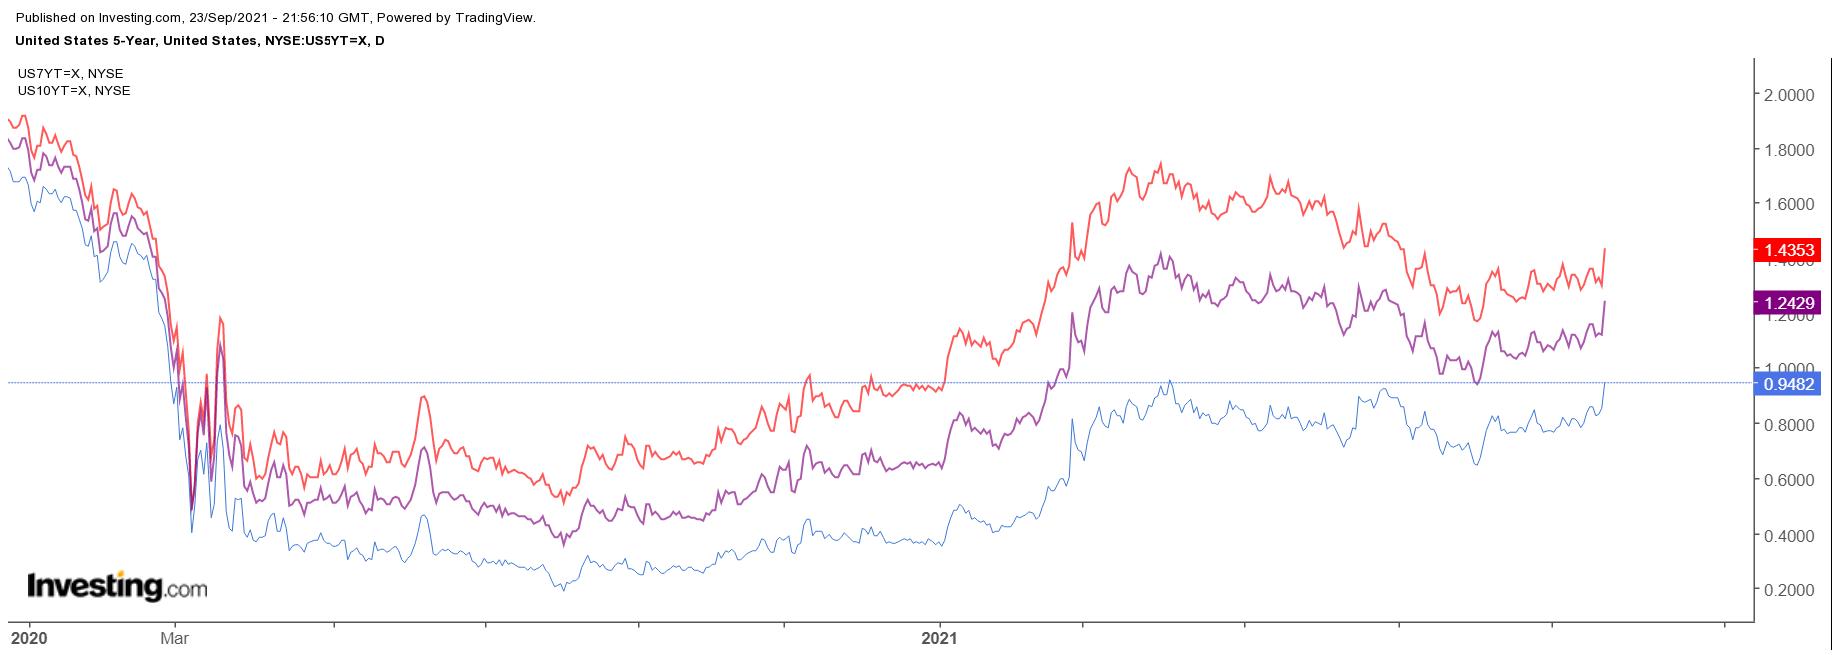 Повышение ставок и замедление роста ВВП: рынок упустил смысл послания ФРС?